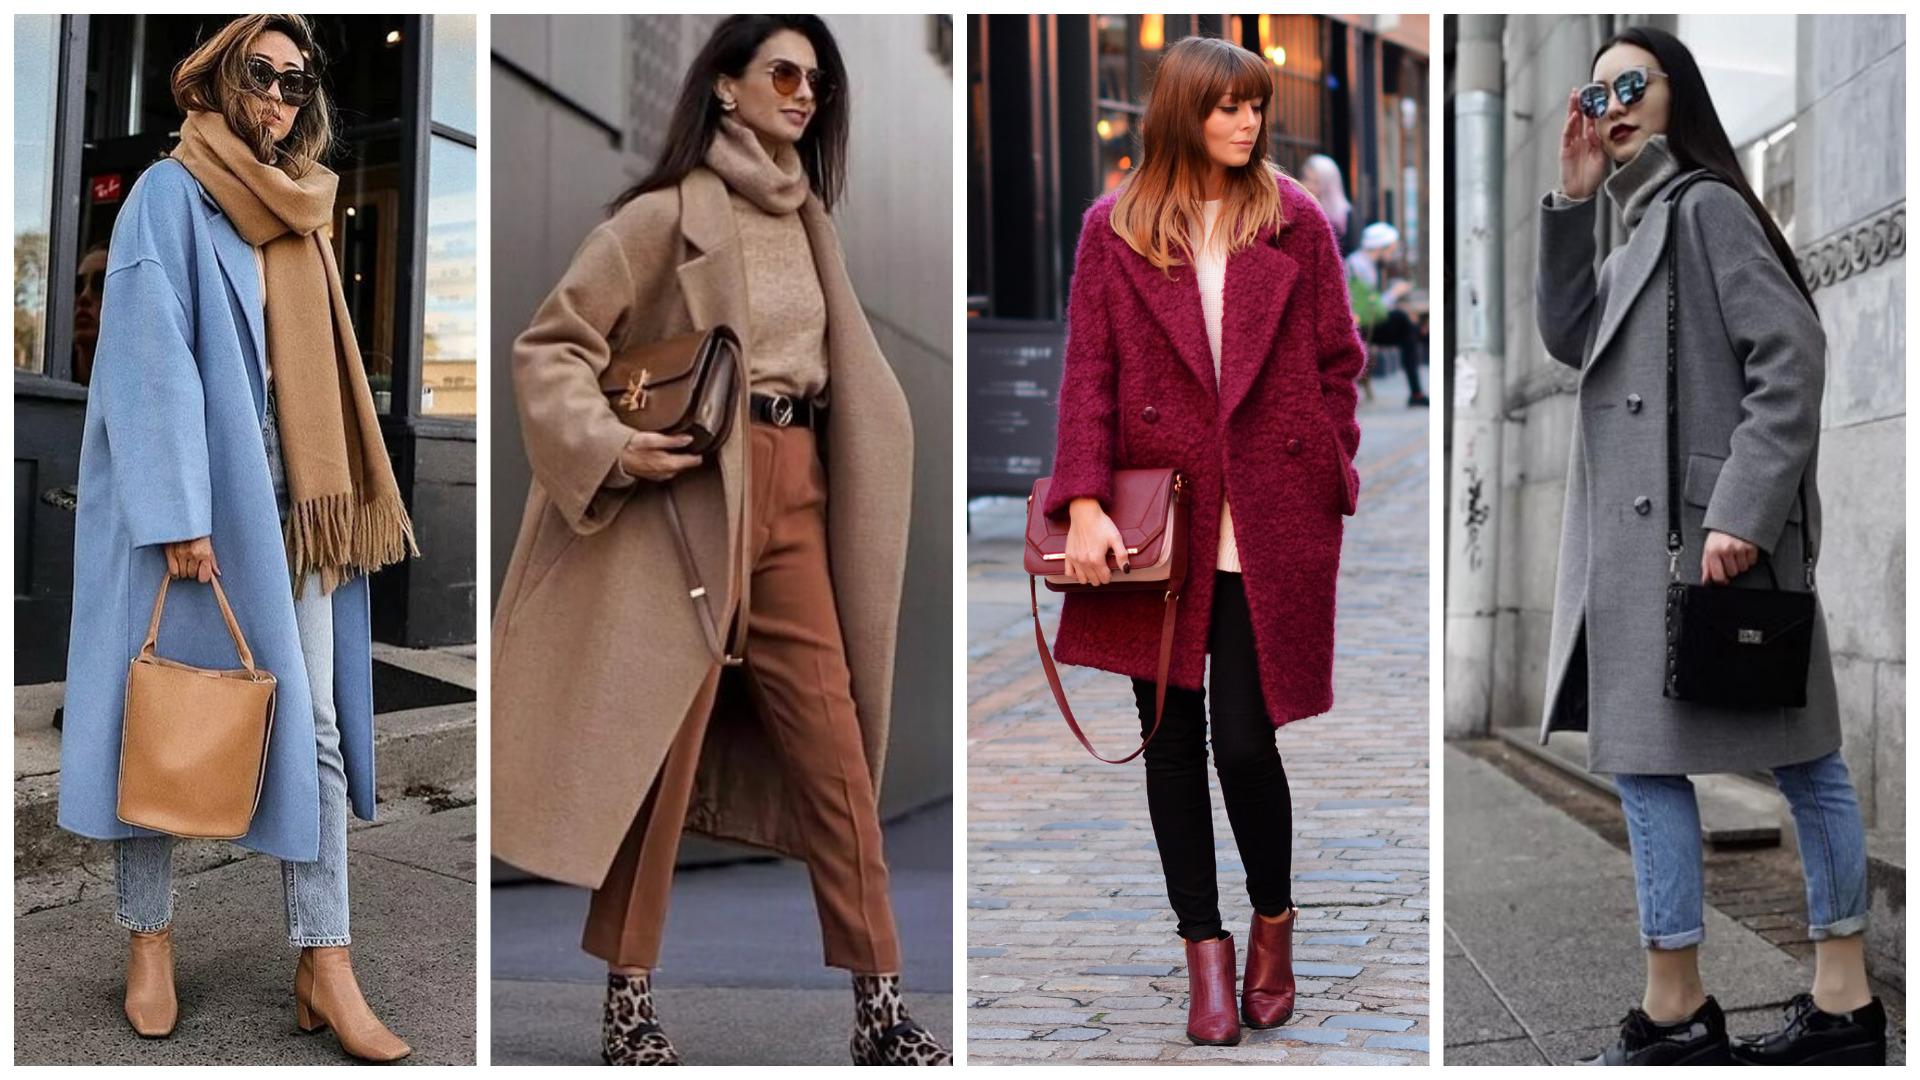 модные женские пальто осень 2020, осенний гардероб